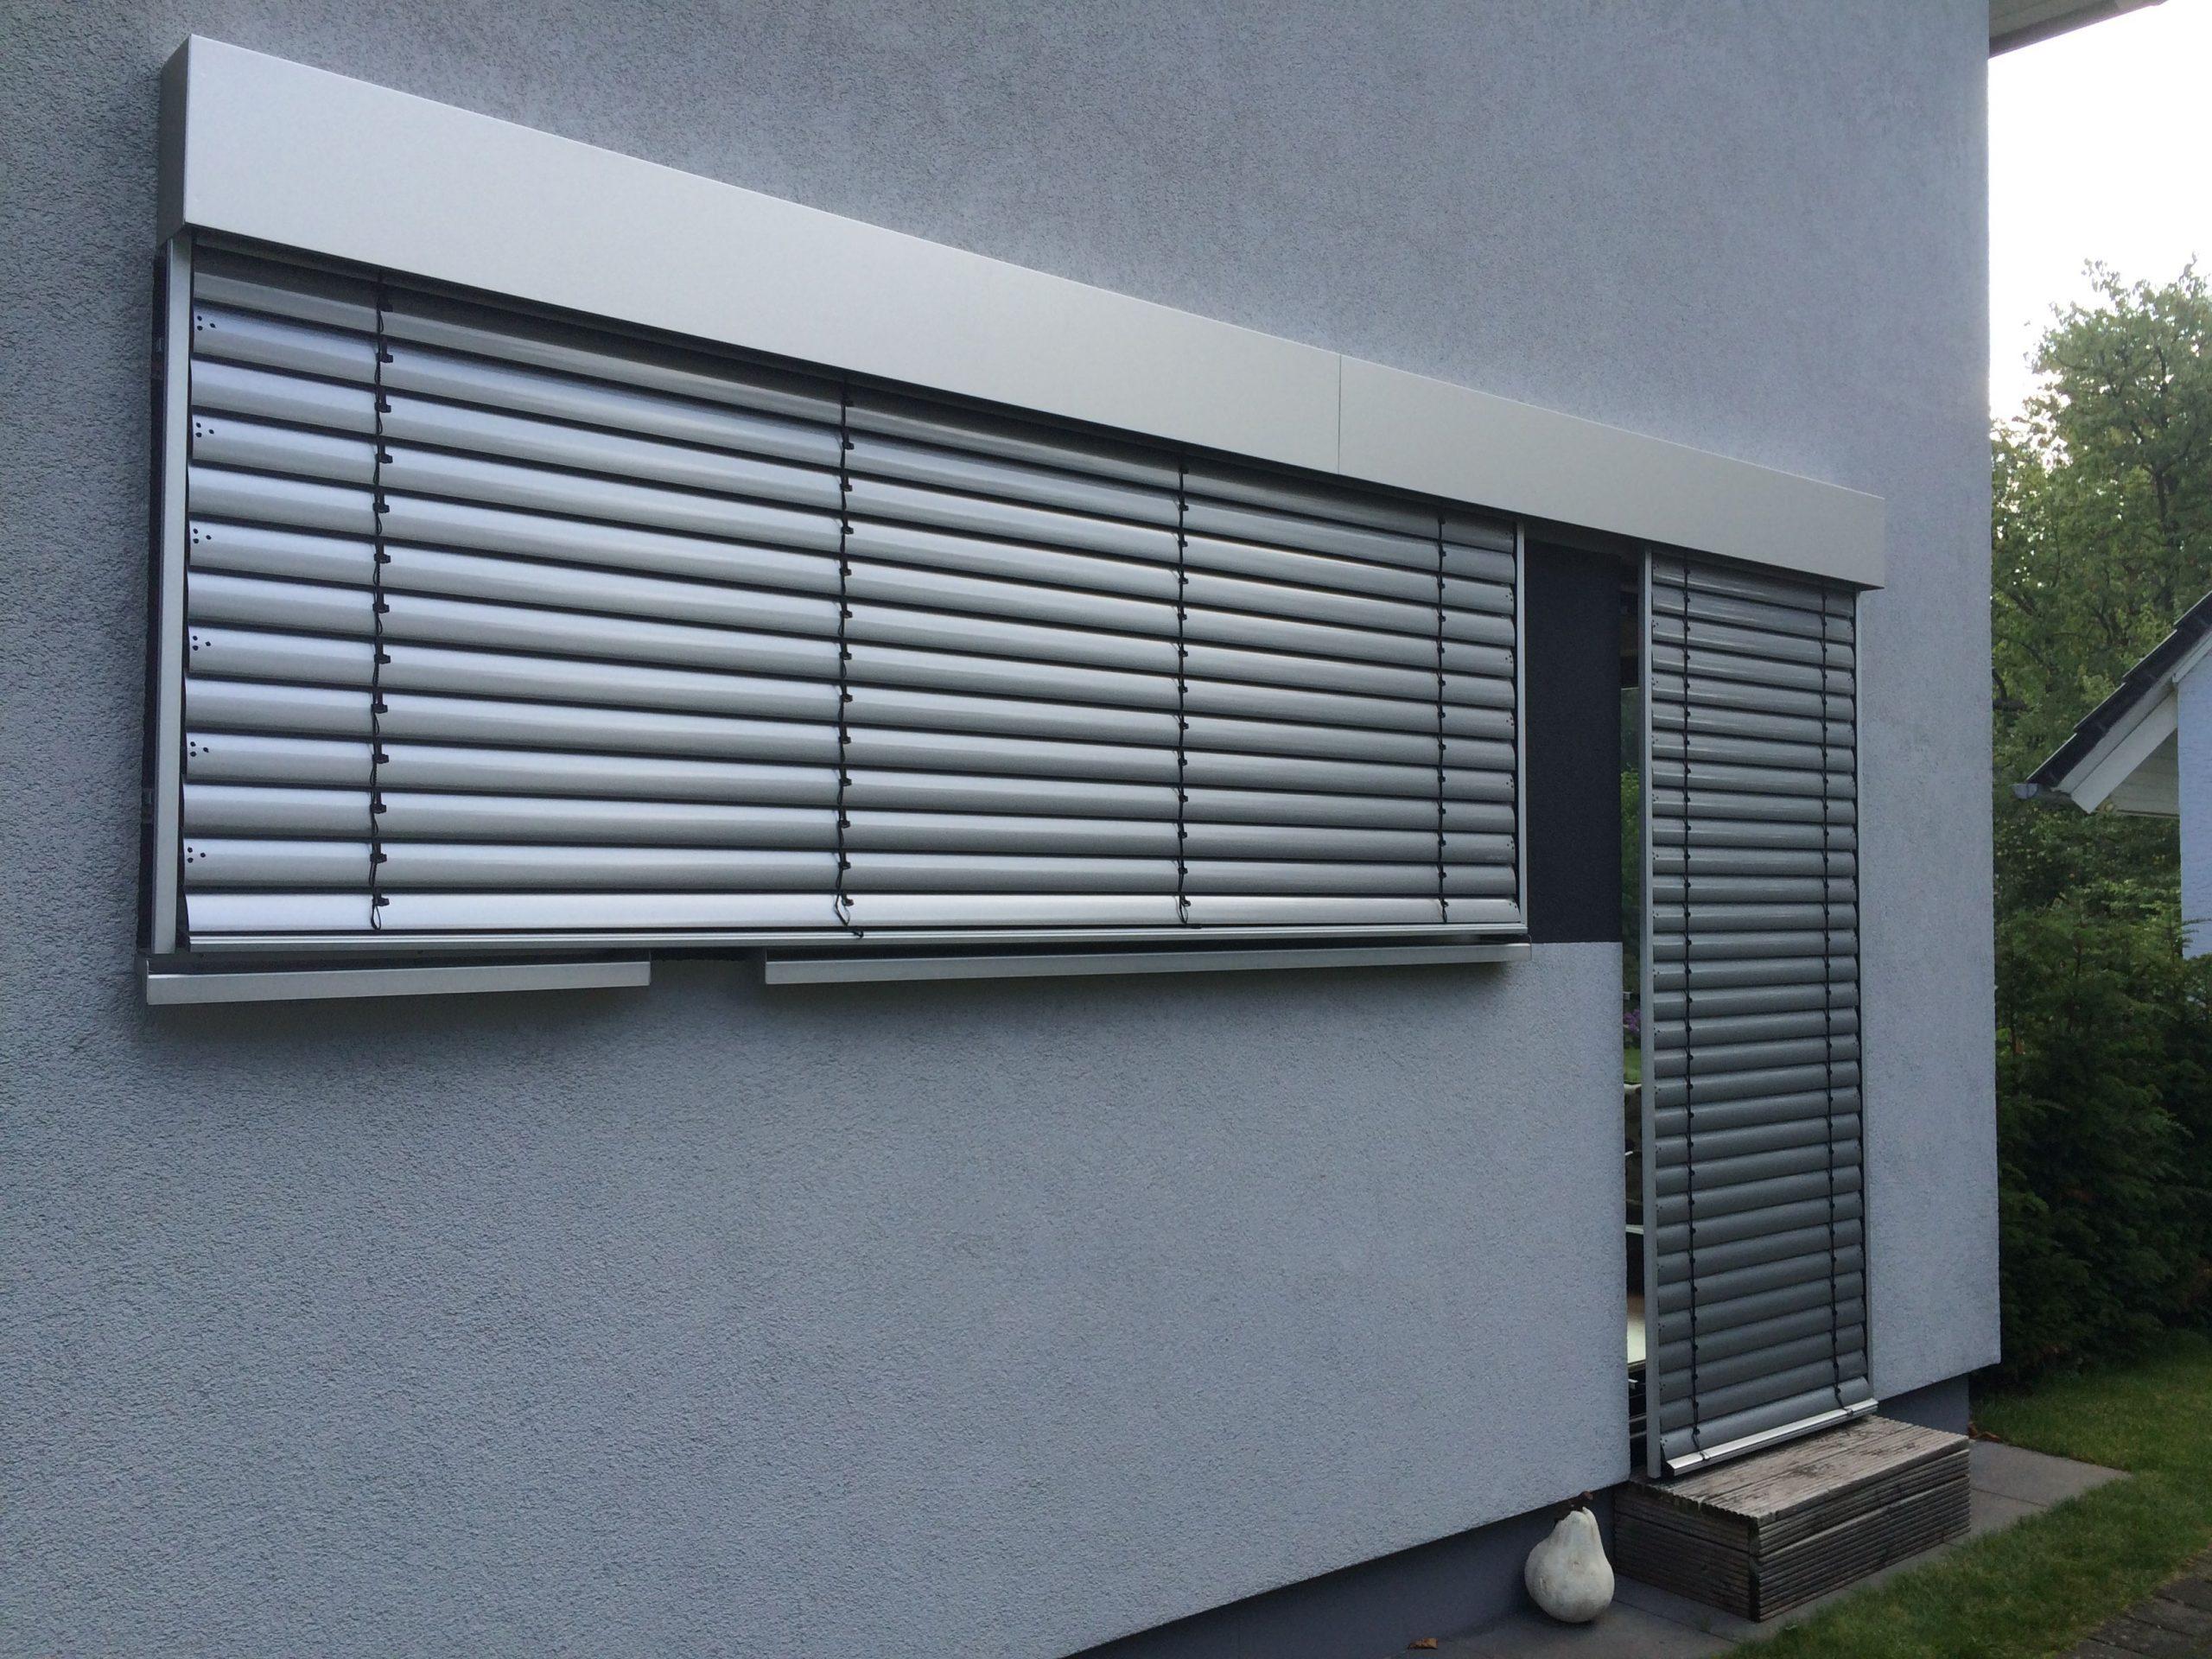 Full Size of Sonnenschutz Fenster Raffstoreanlagen Mit Aluminium Blende Vom Veka 3 Fach Verglasung Zwangsbelüftung Nachrüsten Lüftung Alarmanlagen Für Und Türen Fenster Sonnenschutz Fenster